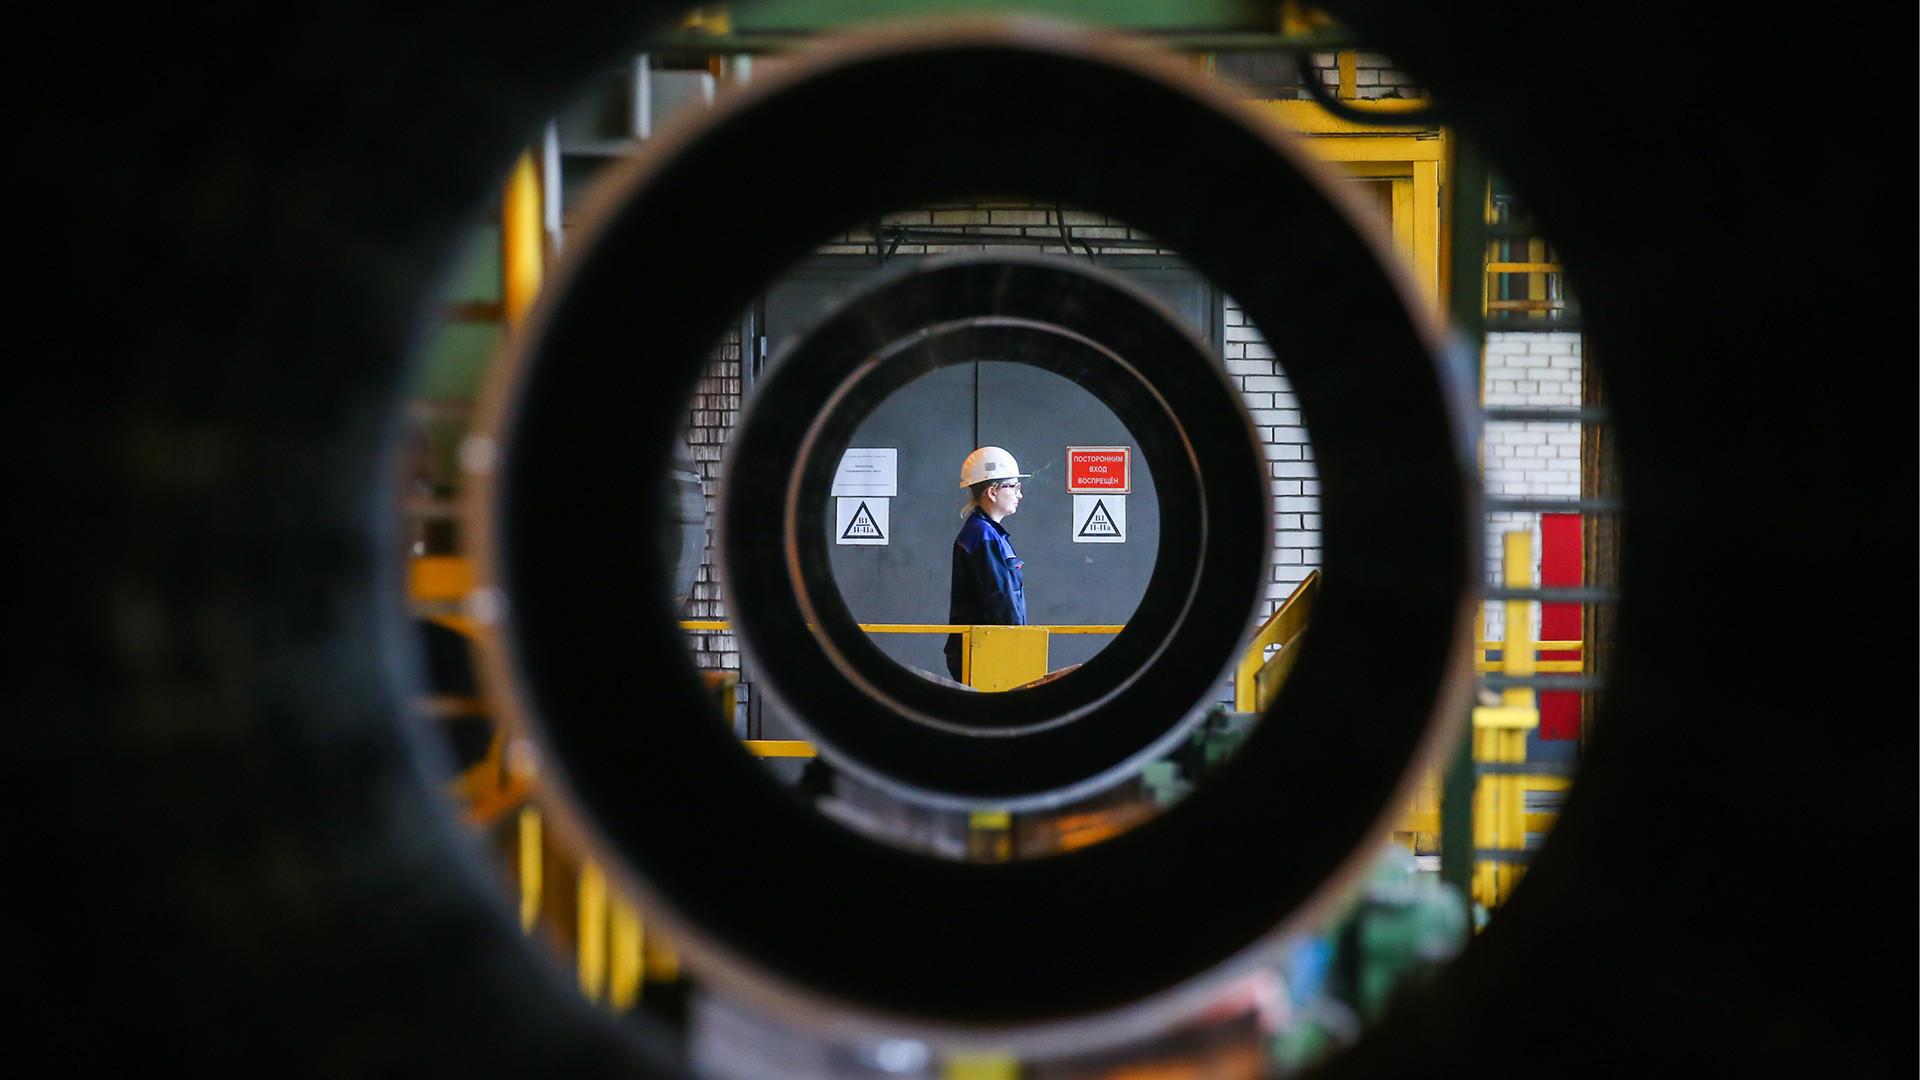 """Ижорска фабрика за цевки на компанијата """"Северстаљ"""" во Санкт Петербург."""